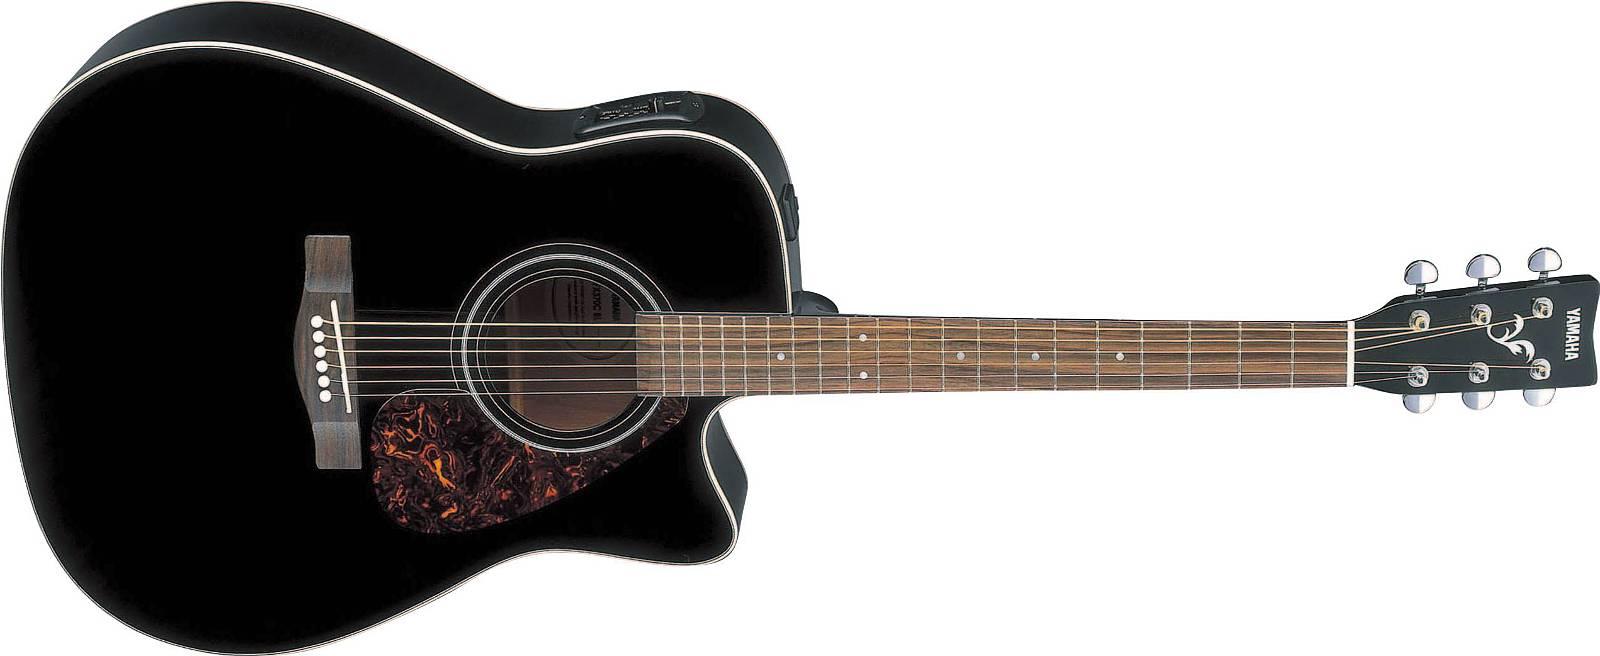 Yamaha FX-370 C Black Akustik Gitarre Dreadnought